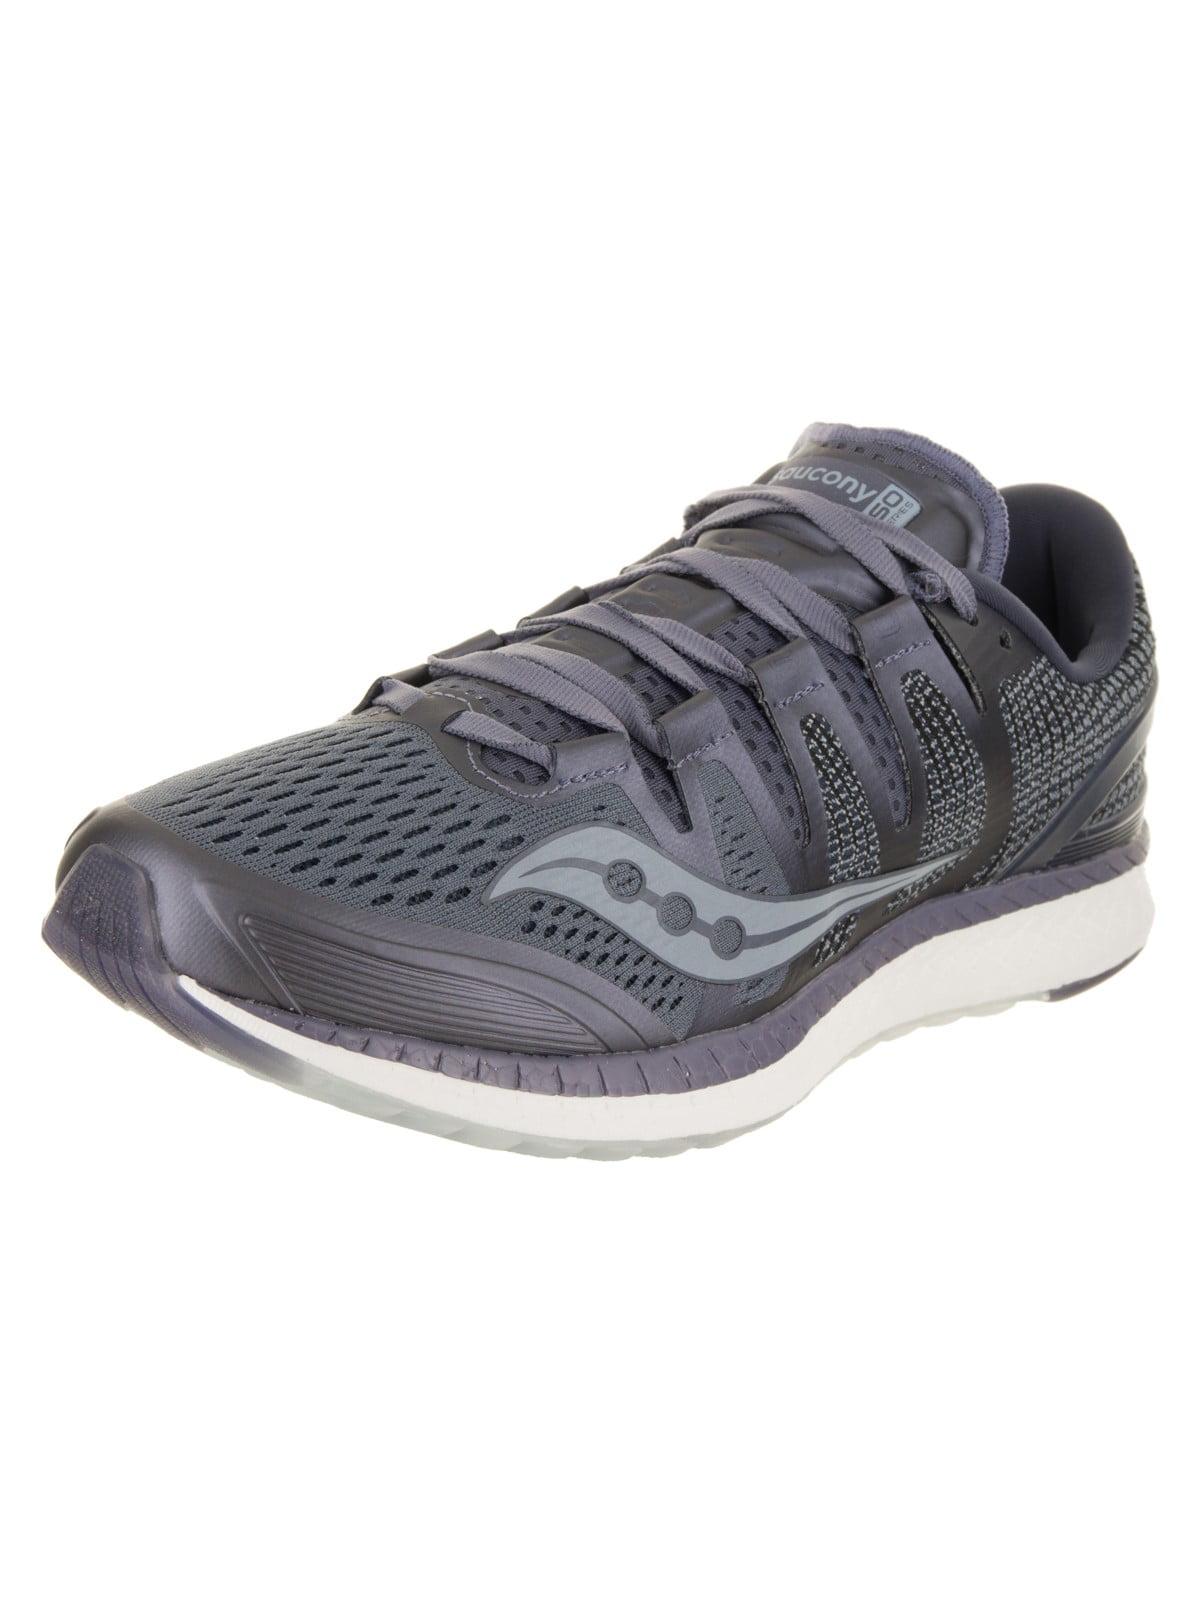 Saucony Men's Liberty ISO Running Shoe by saucony